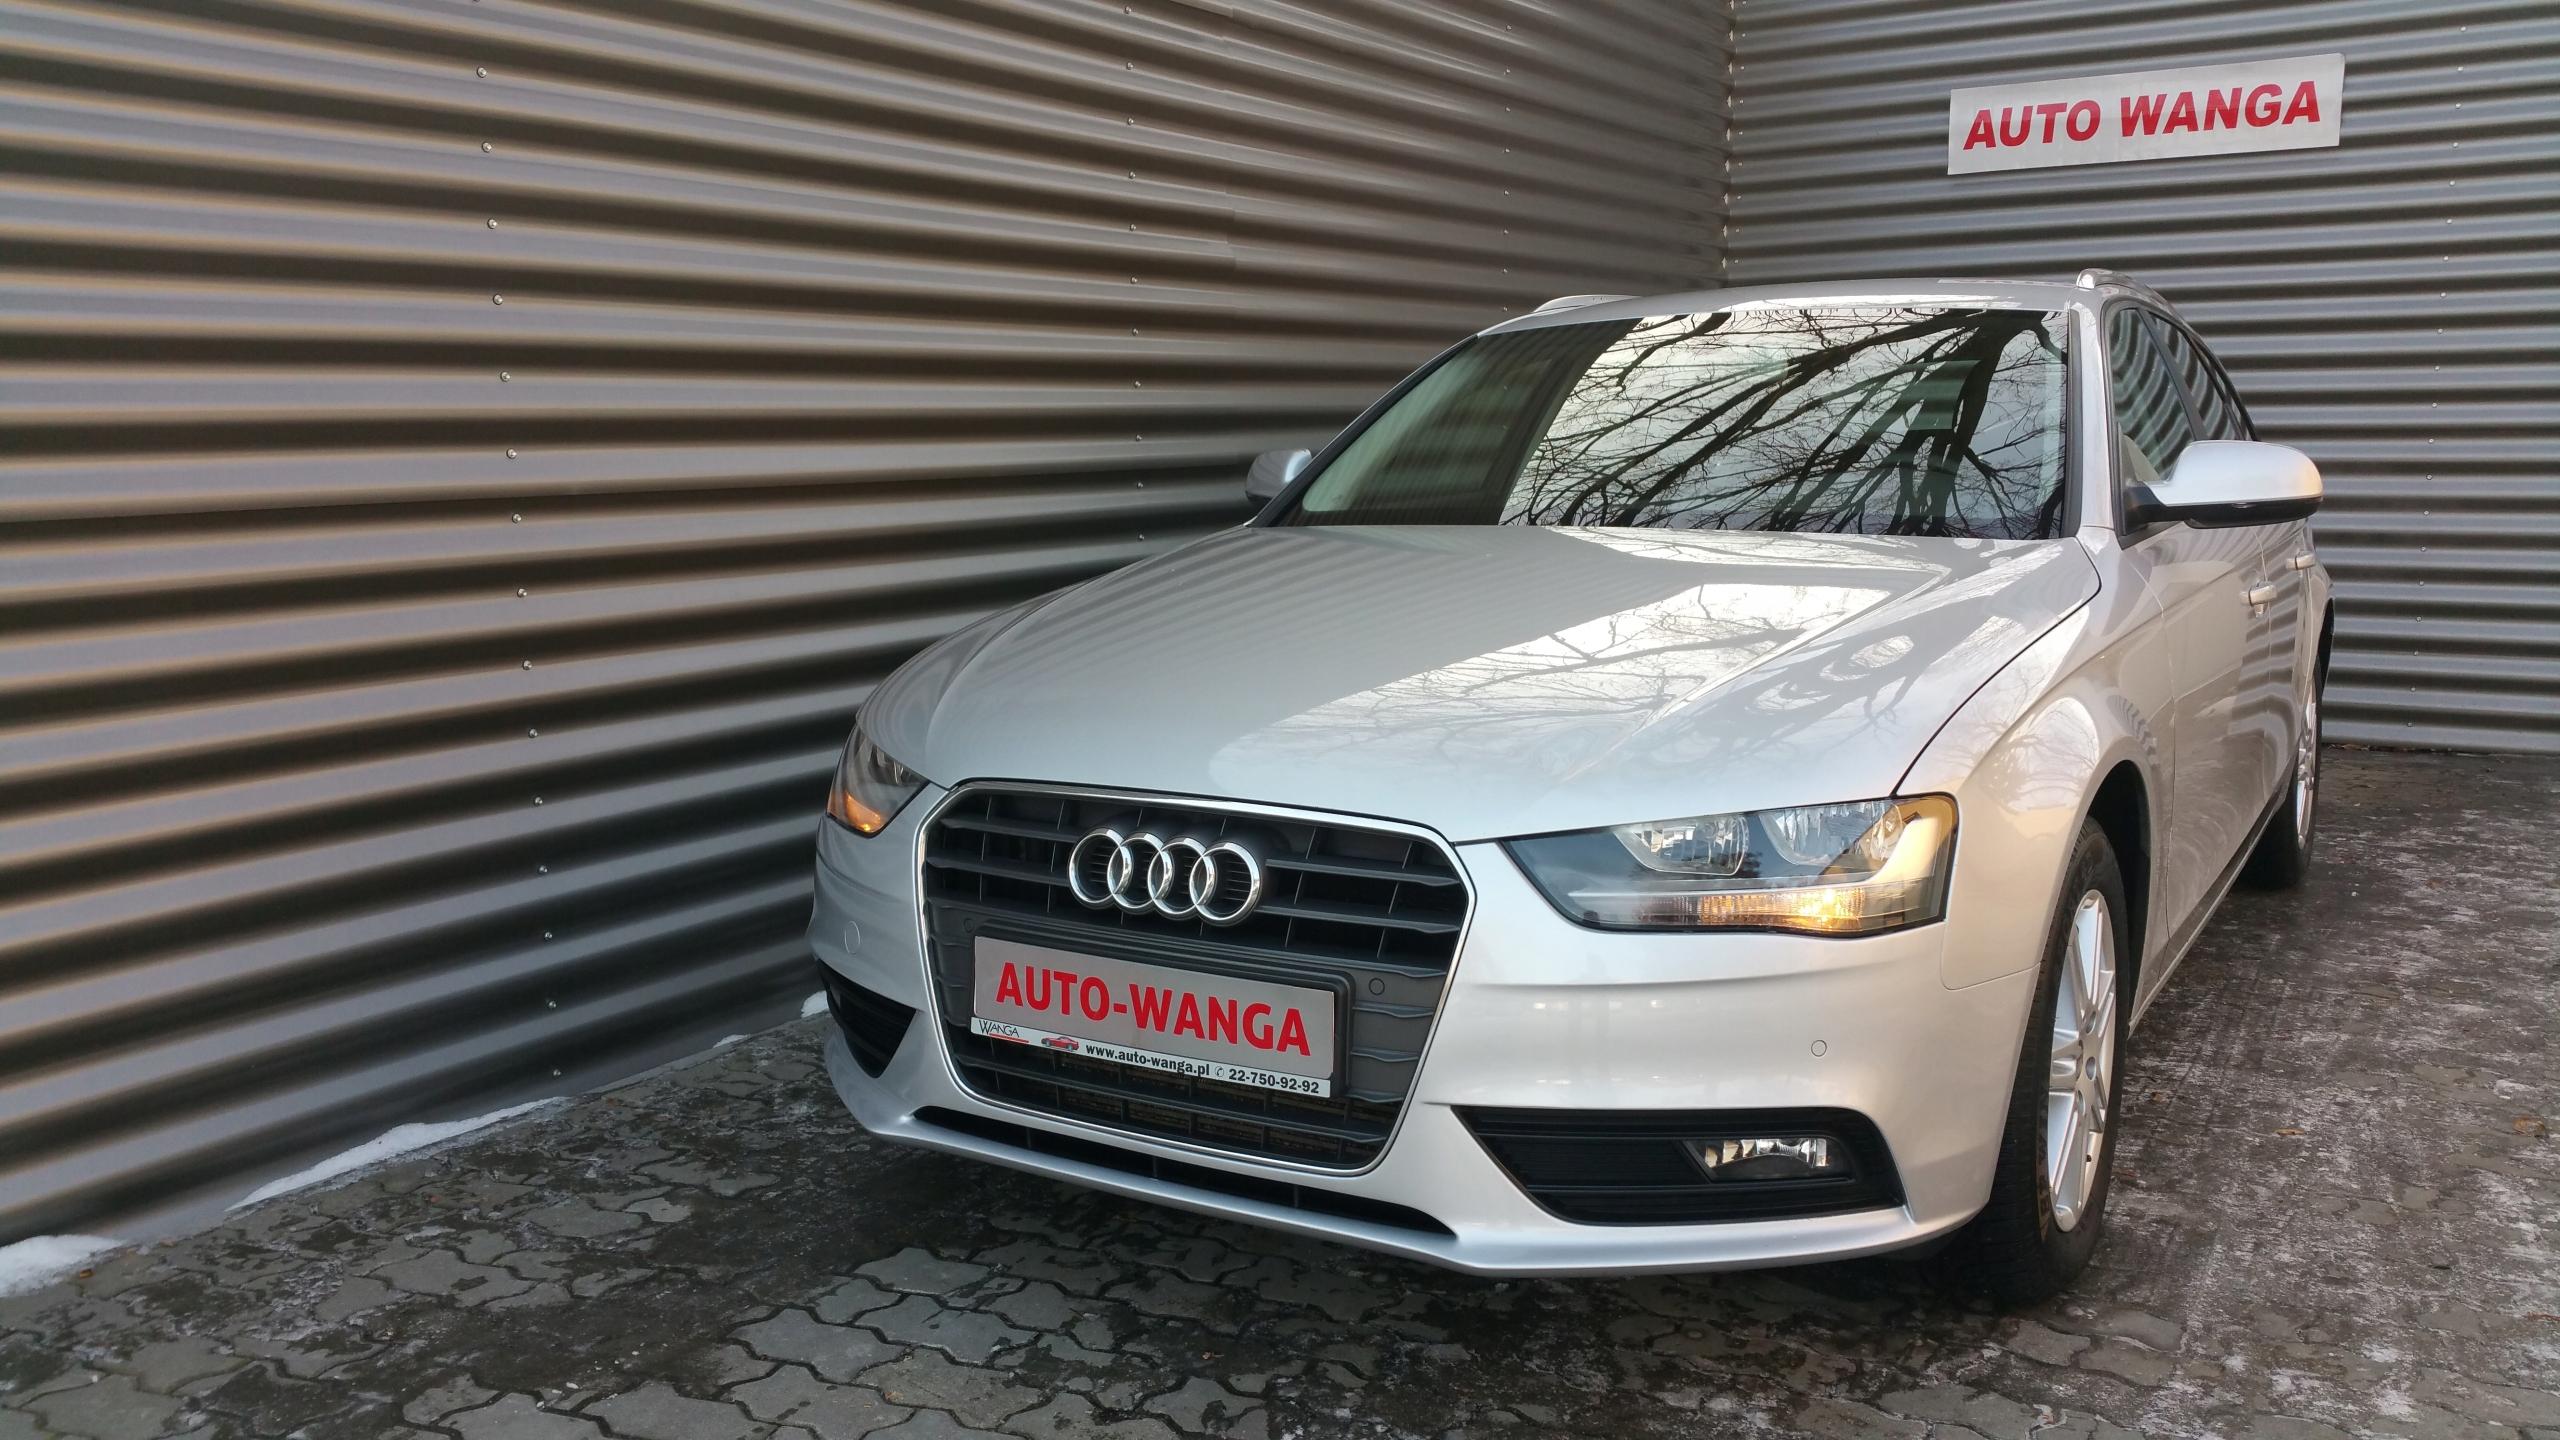 Wynajem Audi A4 Avant, 2013 Lift, super oferta